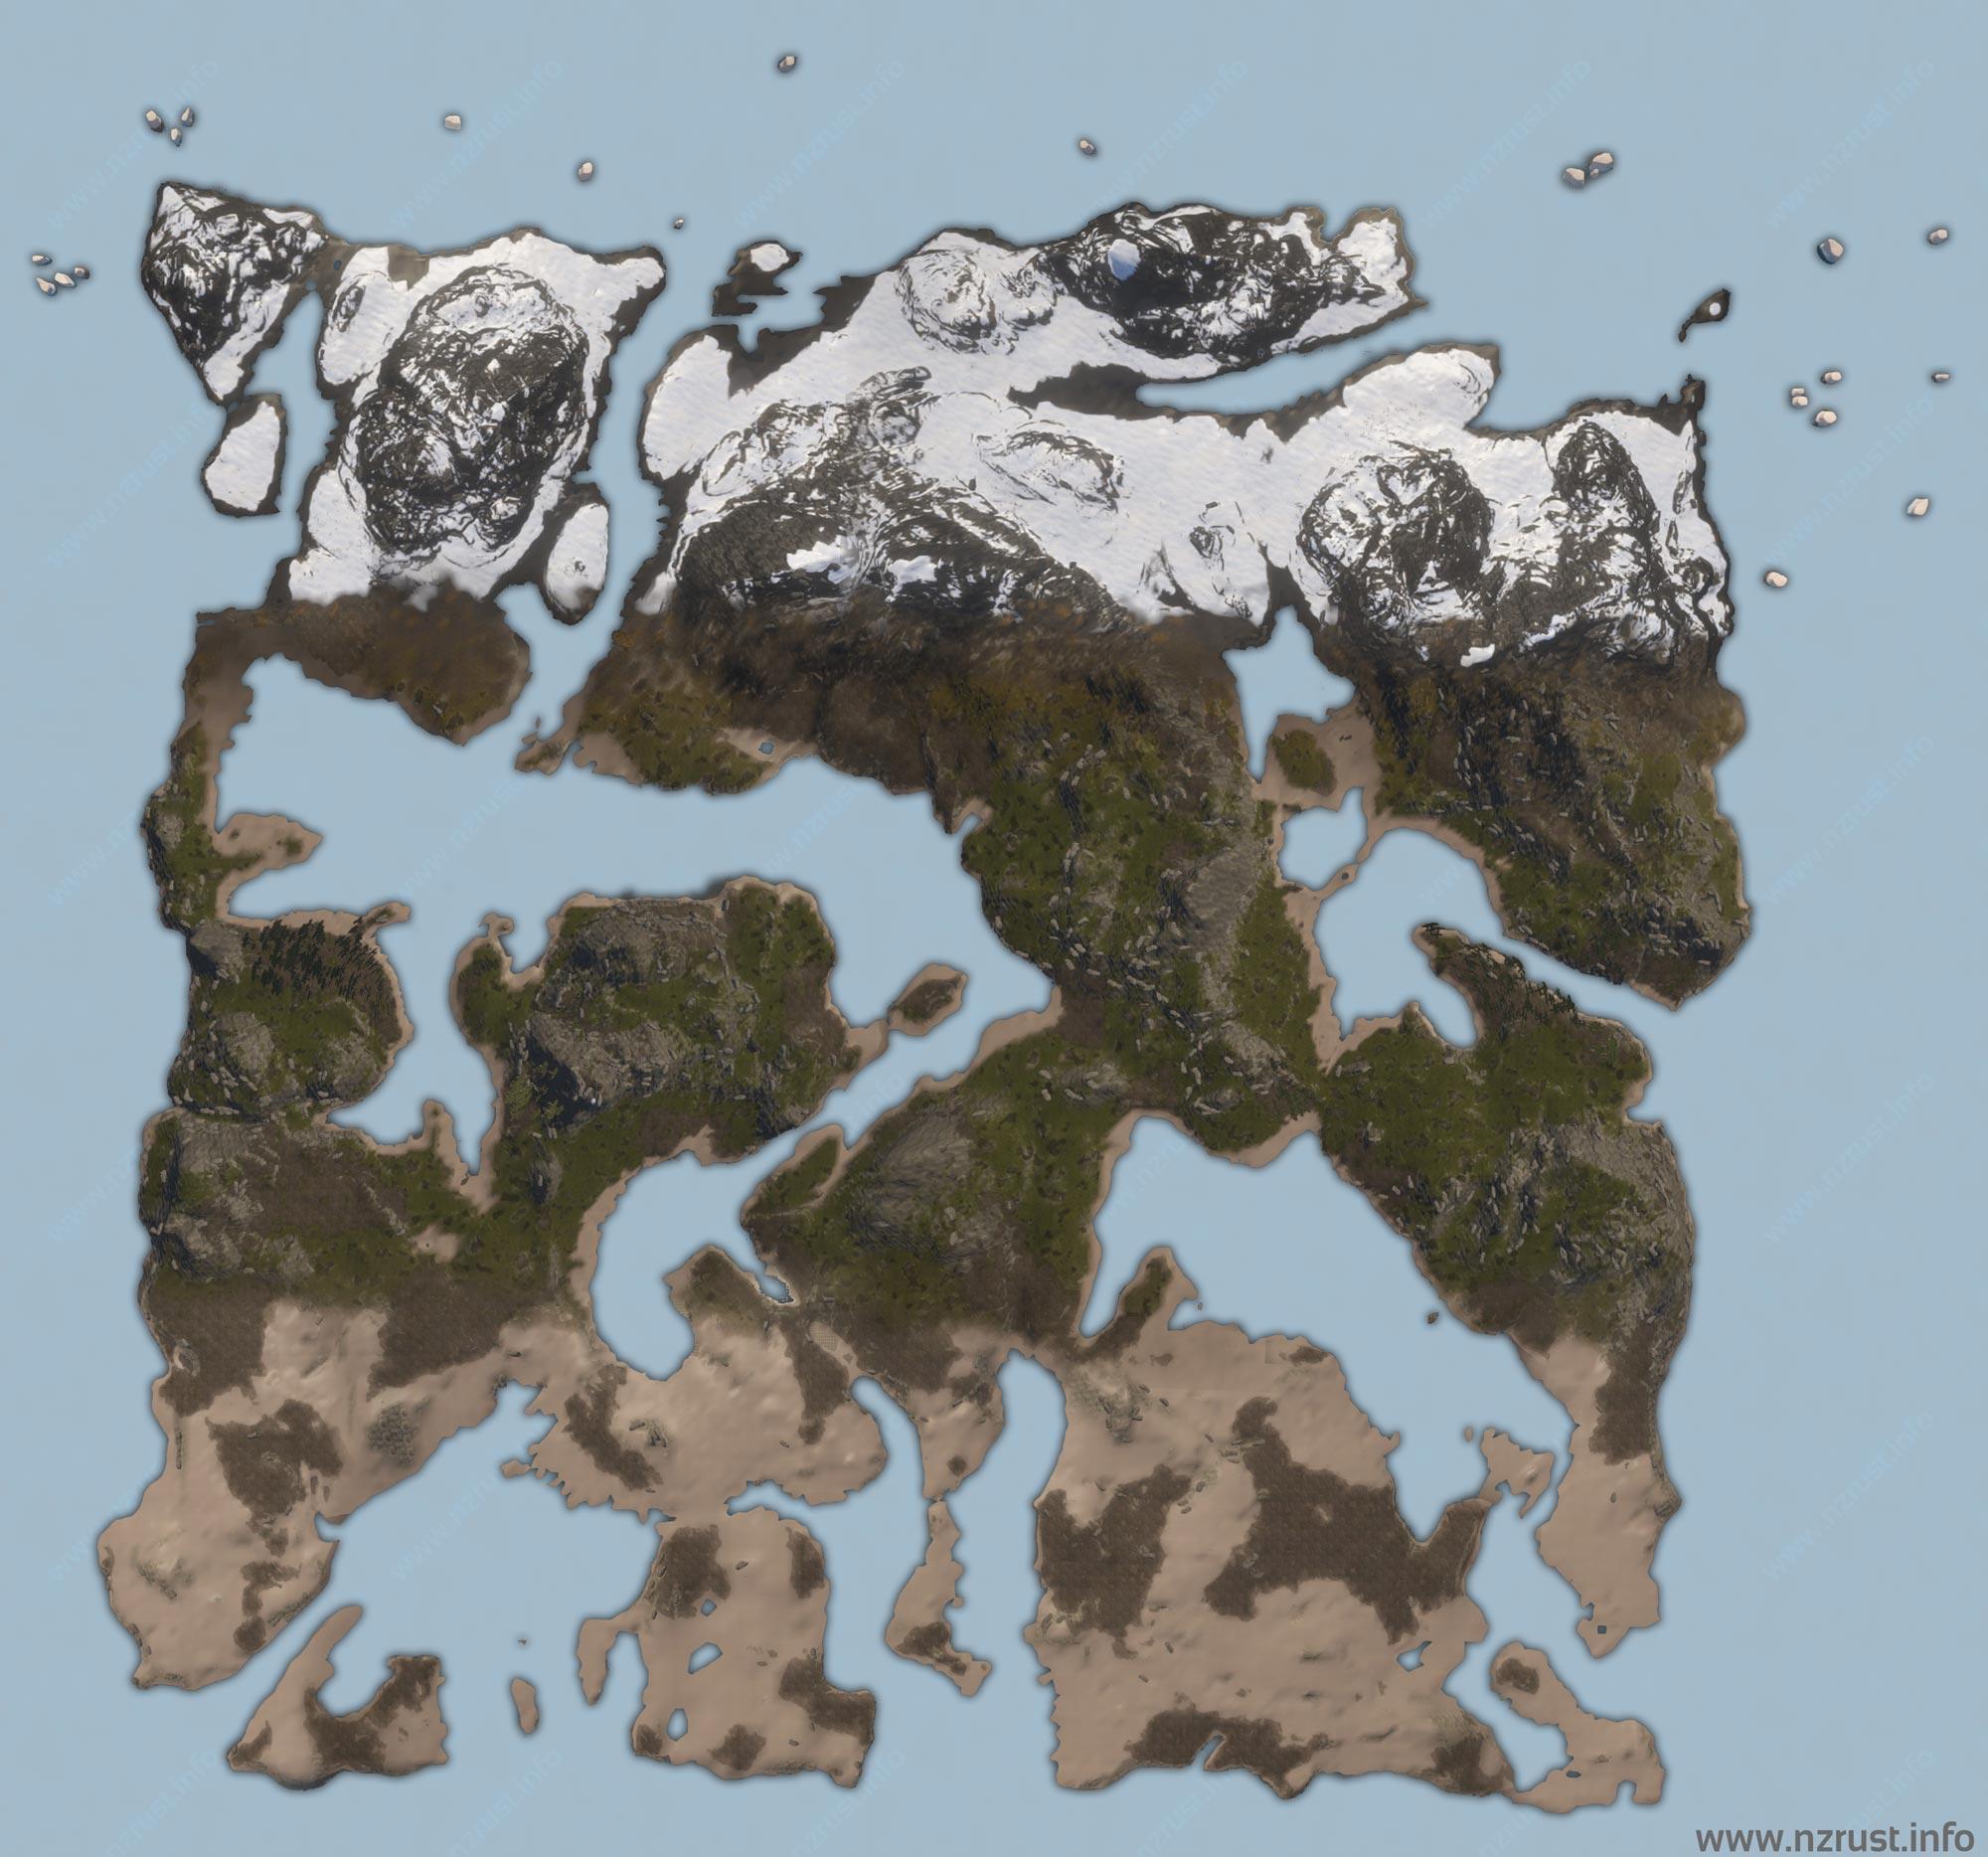 Карта одного из серверов Rust